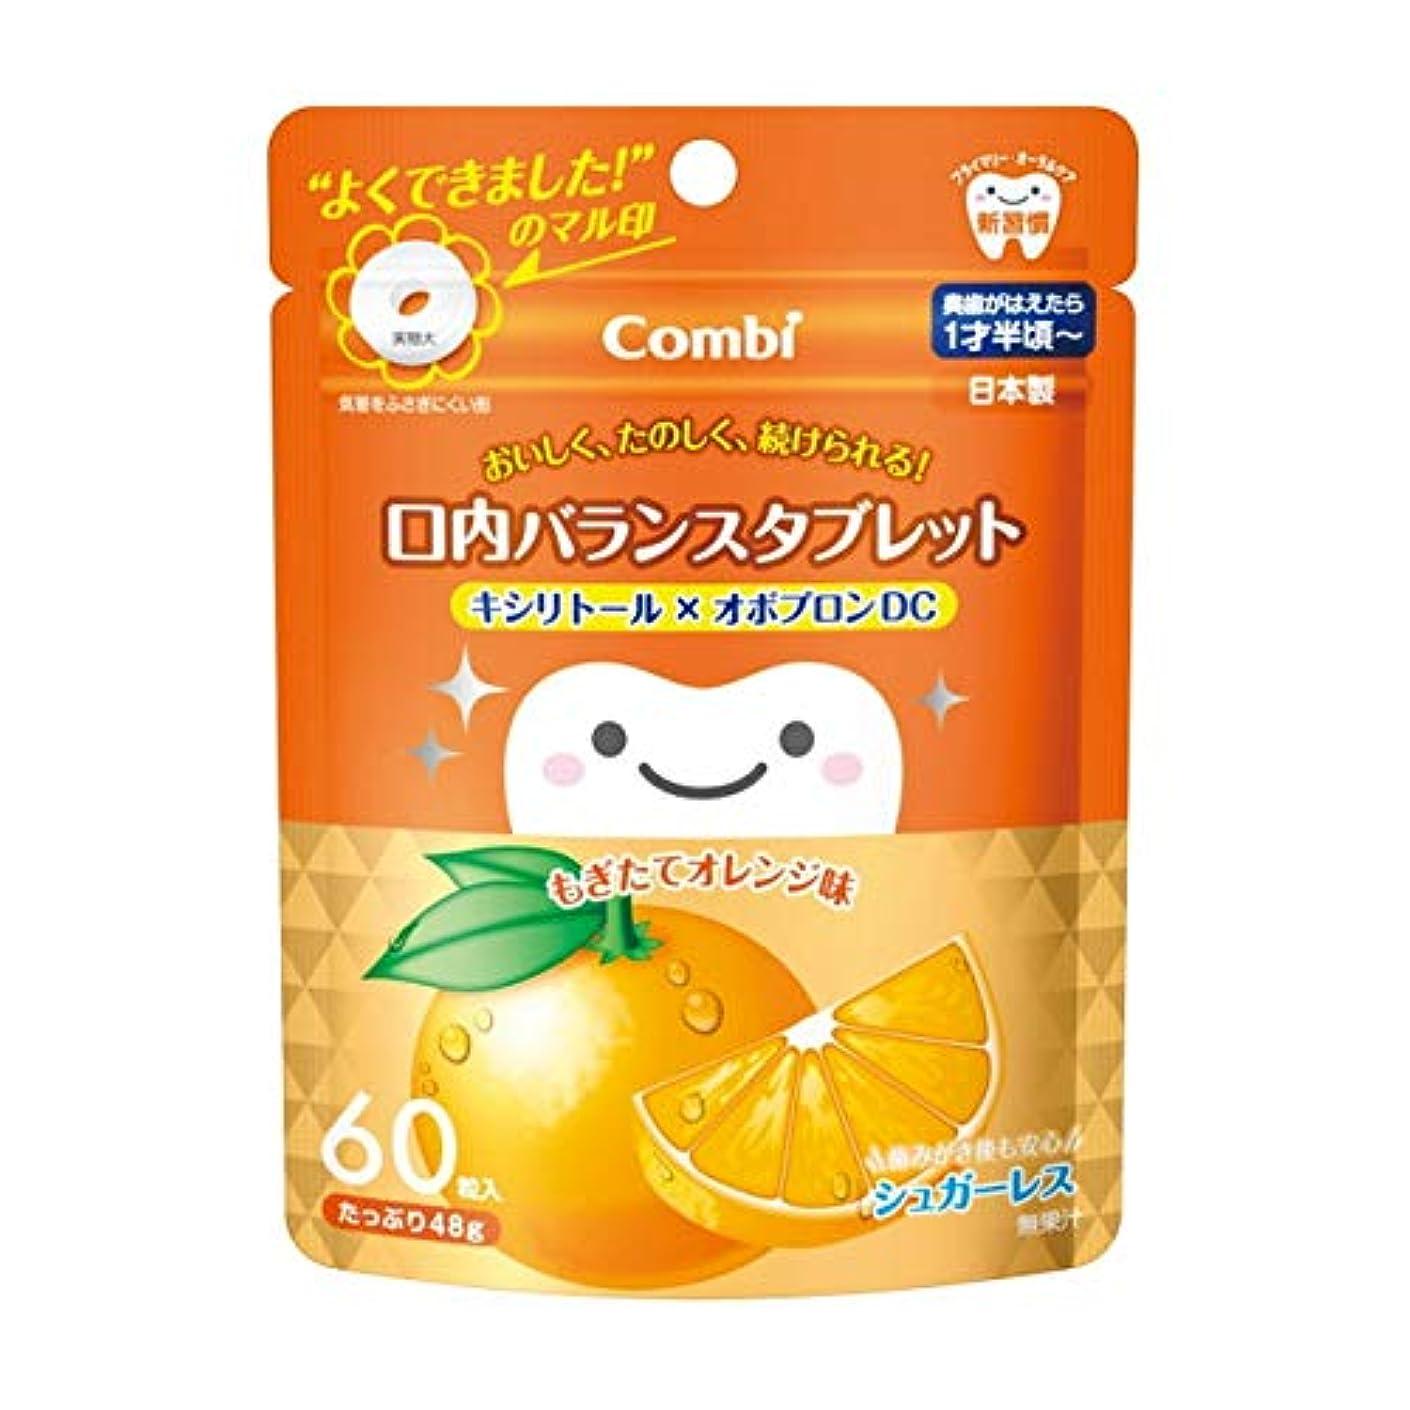 忌まわしいと落ち着かないテテオ 口内バランスタブレット(オレンジ) 60粒